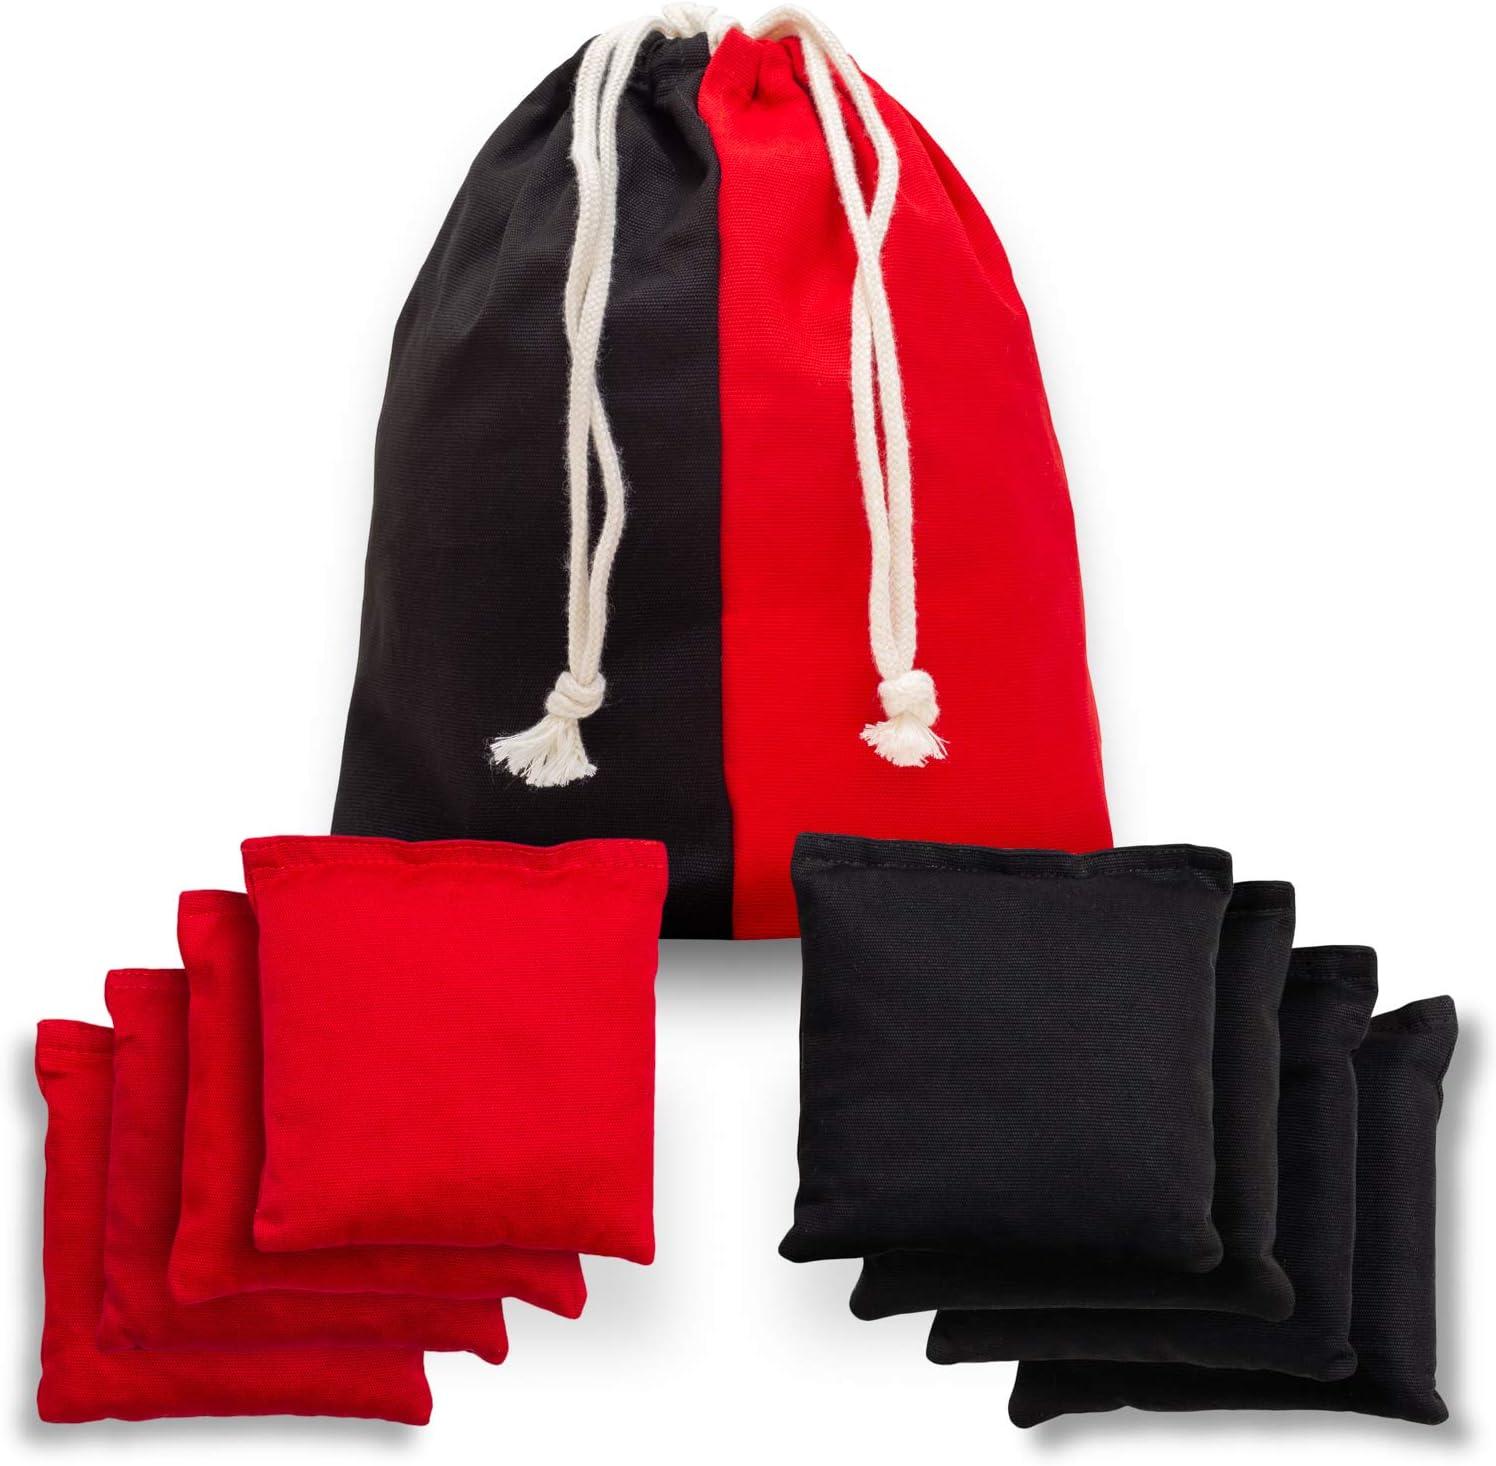 wetterfest doppelt gen/äht TOYSHARING Cornhole Sitzs/äcke aus Baumwolle 8 St/ück strapazierf/ähig Maisloch Taschen